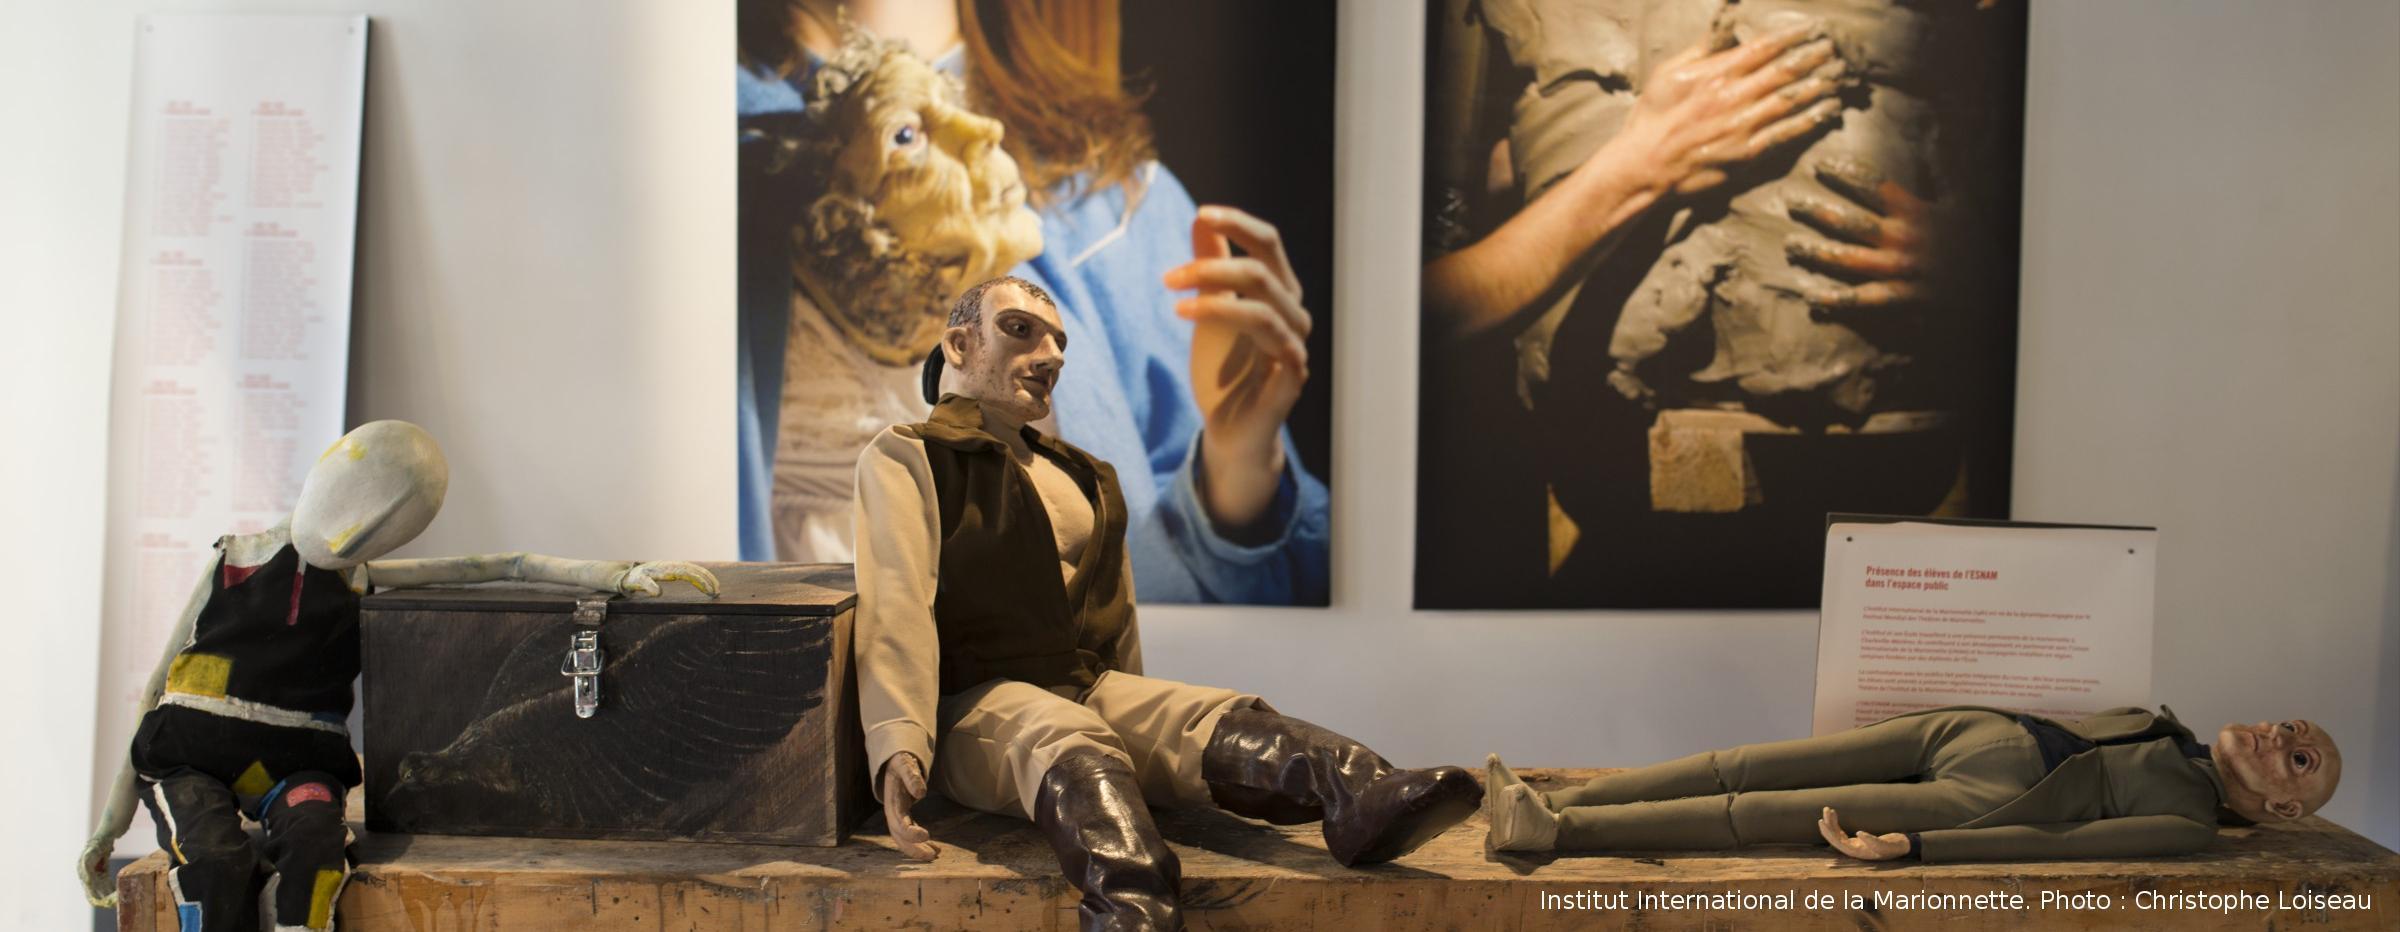 Grâce à PMB, l'Institut International de la Marionnette valorise ses collections